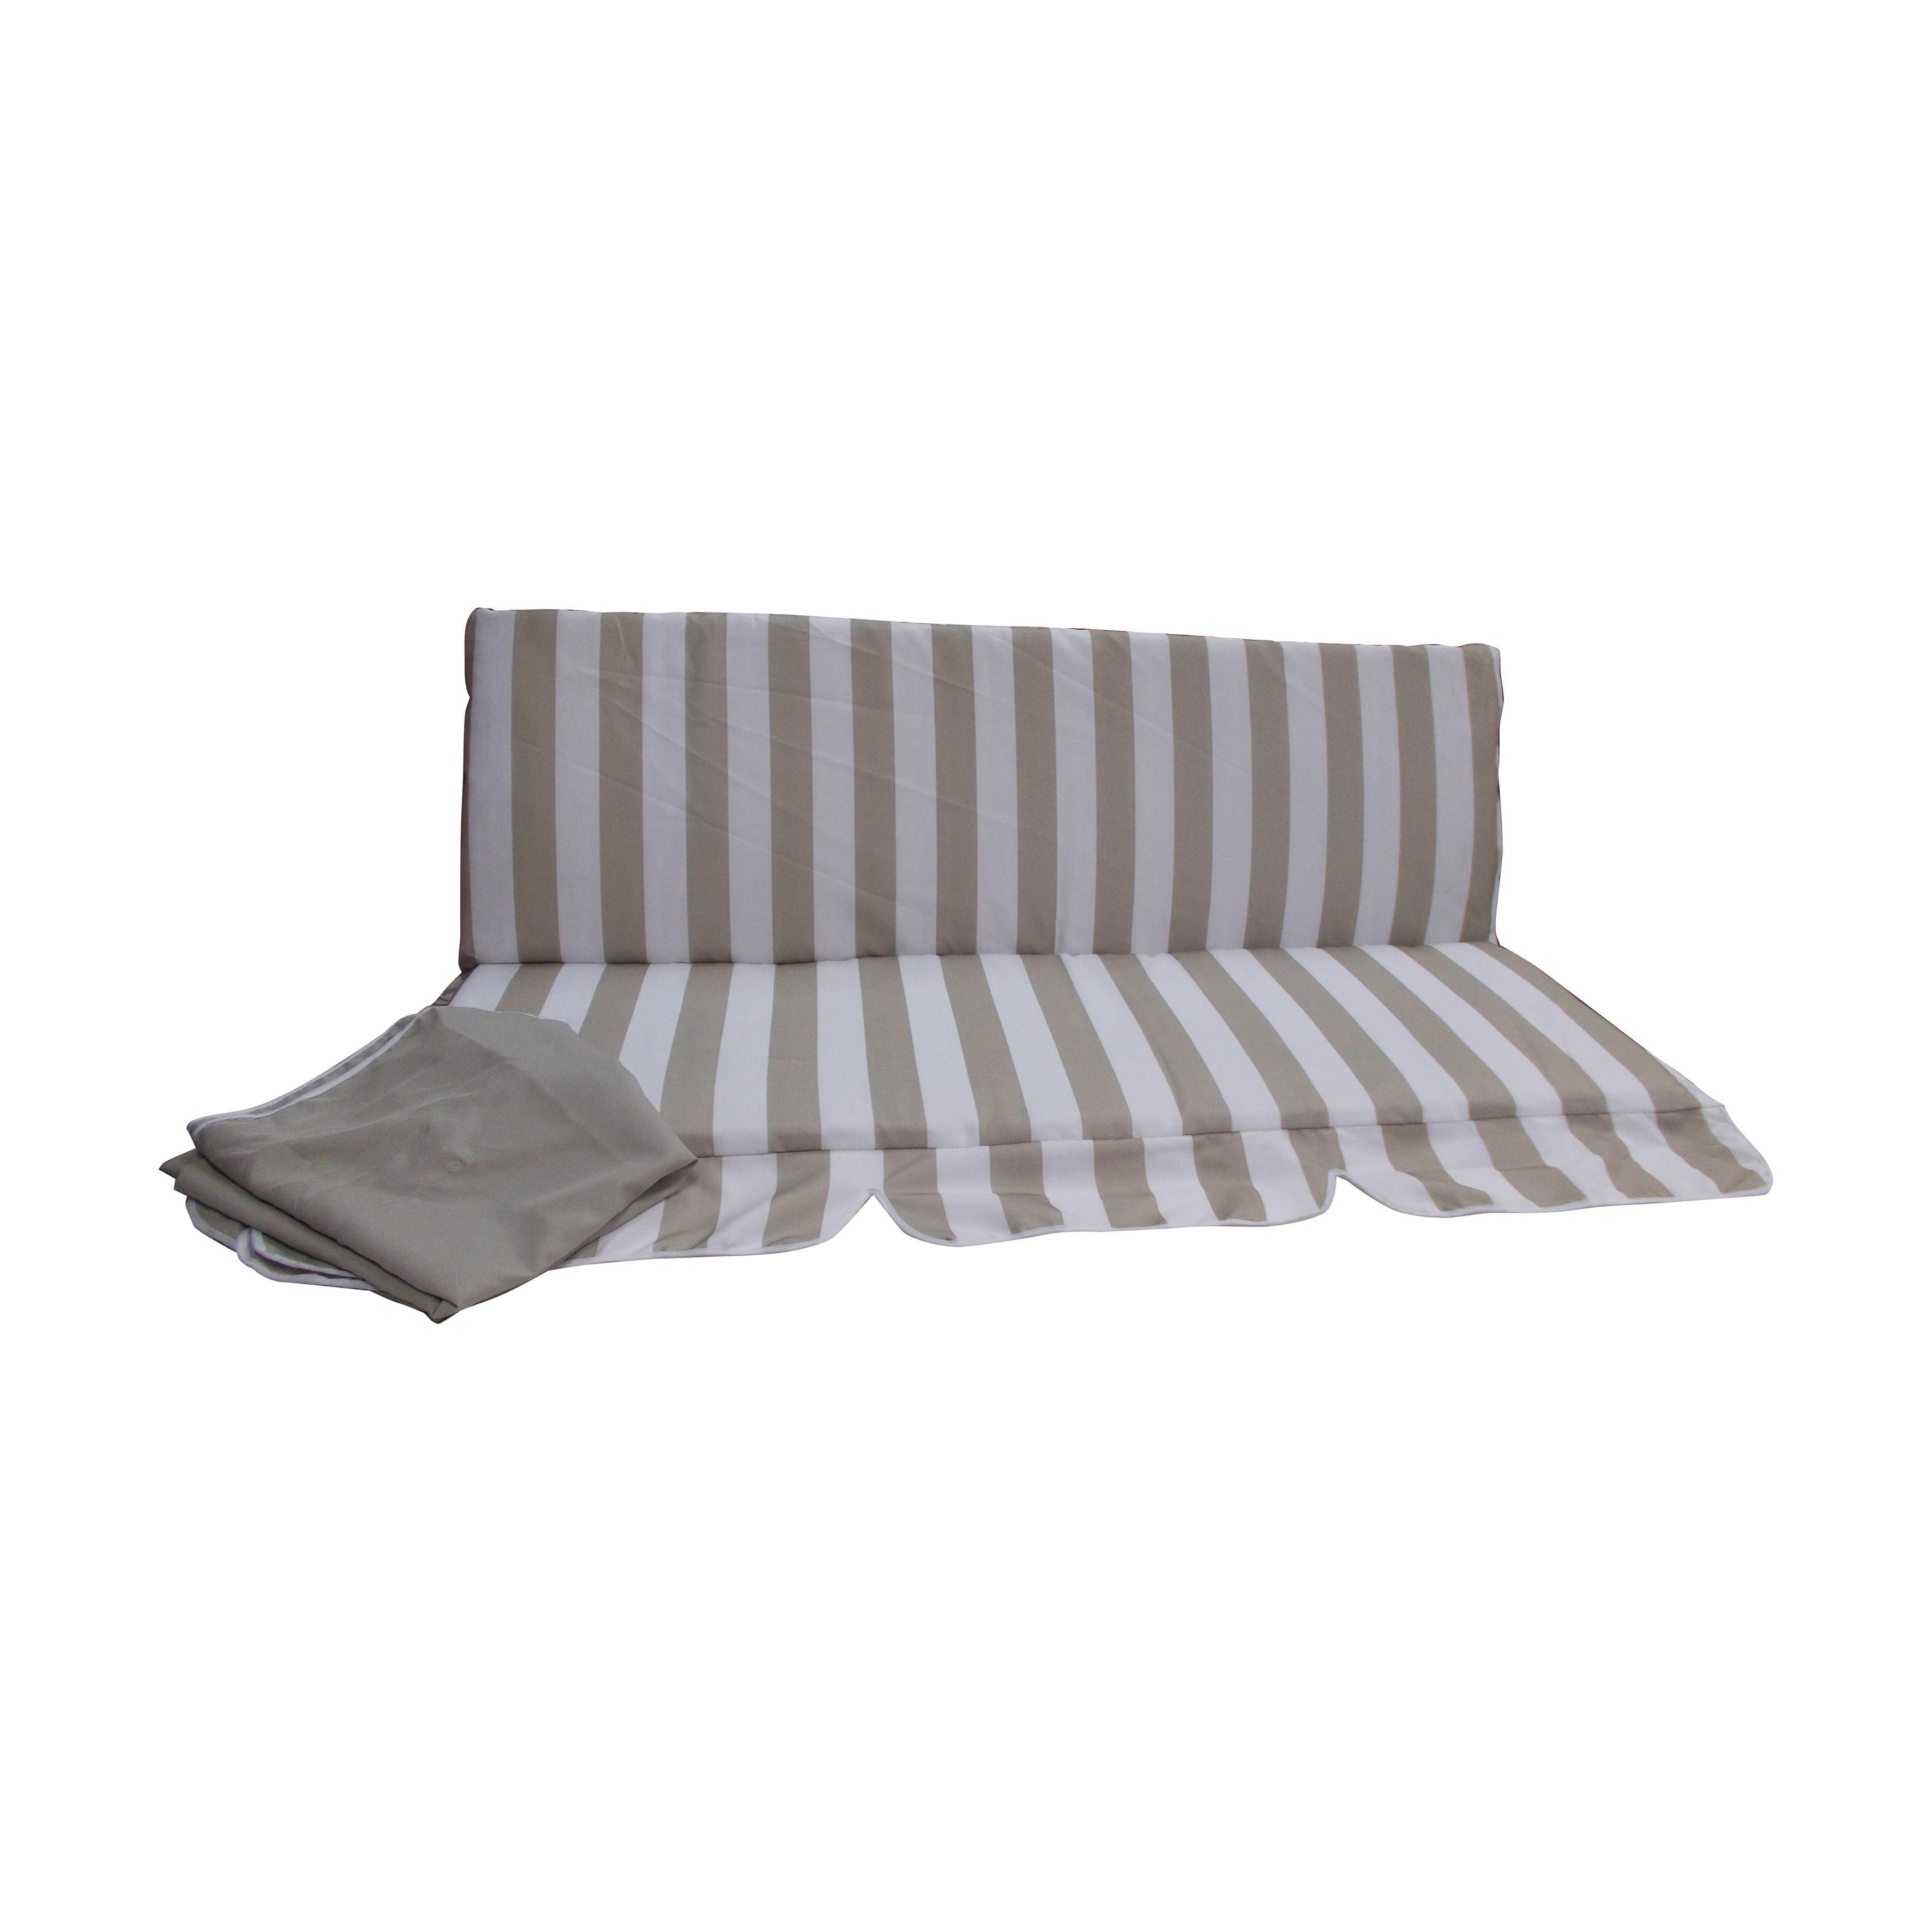 Cuscini Per Dondolo Cm 130.Cuscino Dondolo 3 Posti Bianco Tortora 110x130 Cm 2 Pezzi Prezzi